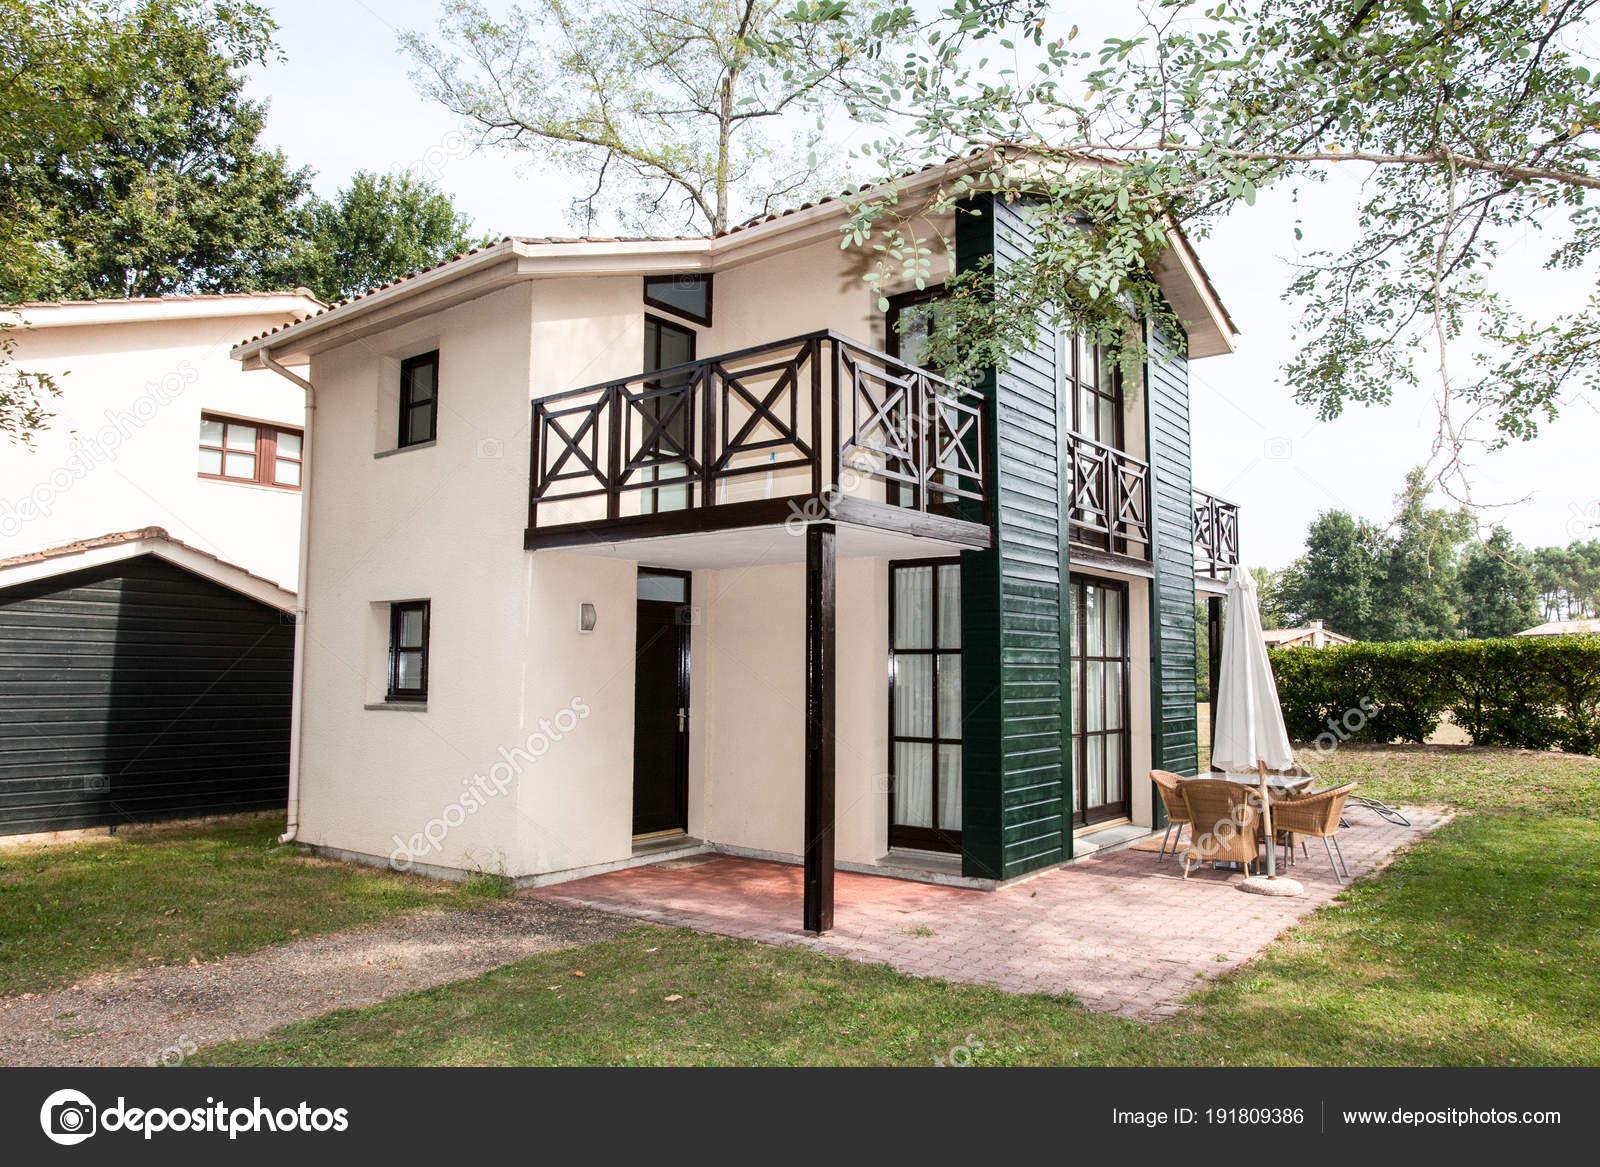 Außen ein sehr schönes Haus — Stockfoto © sylv1rob1 #191809386